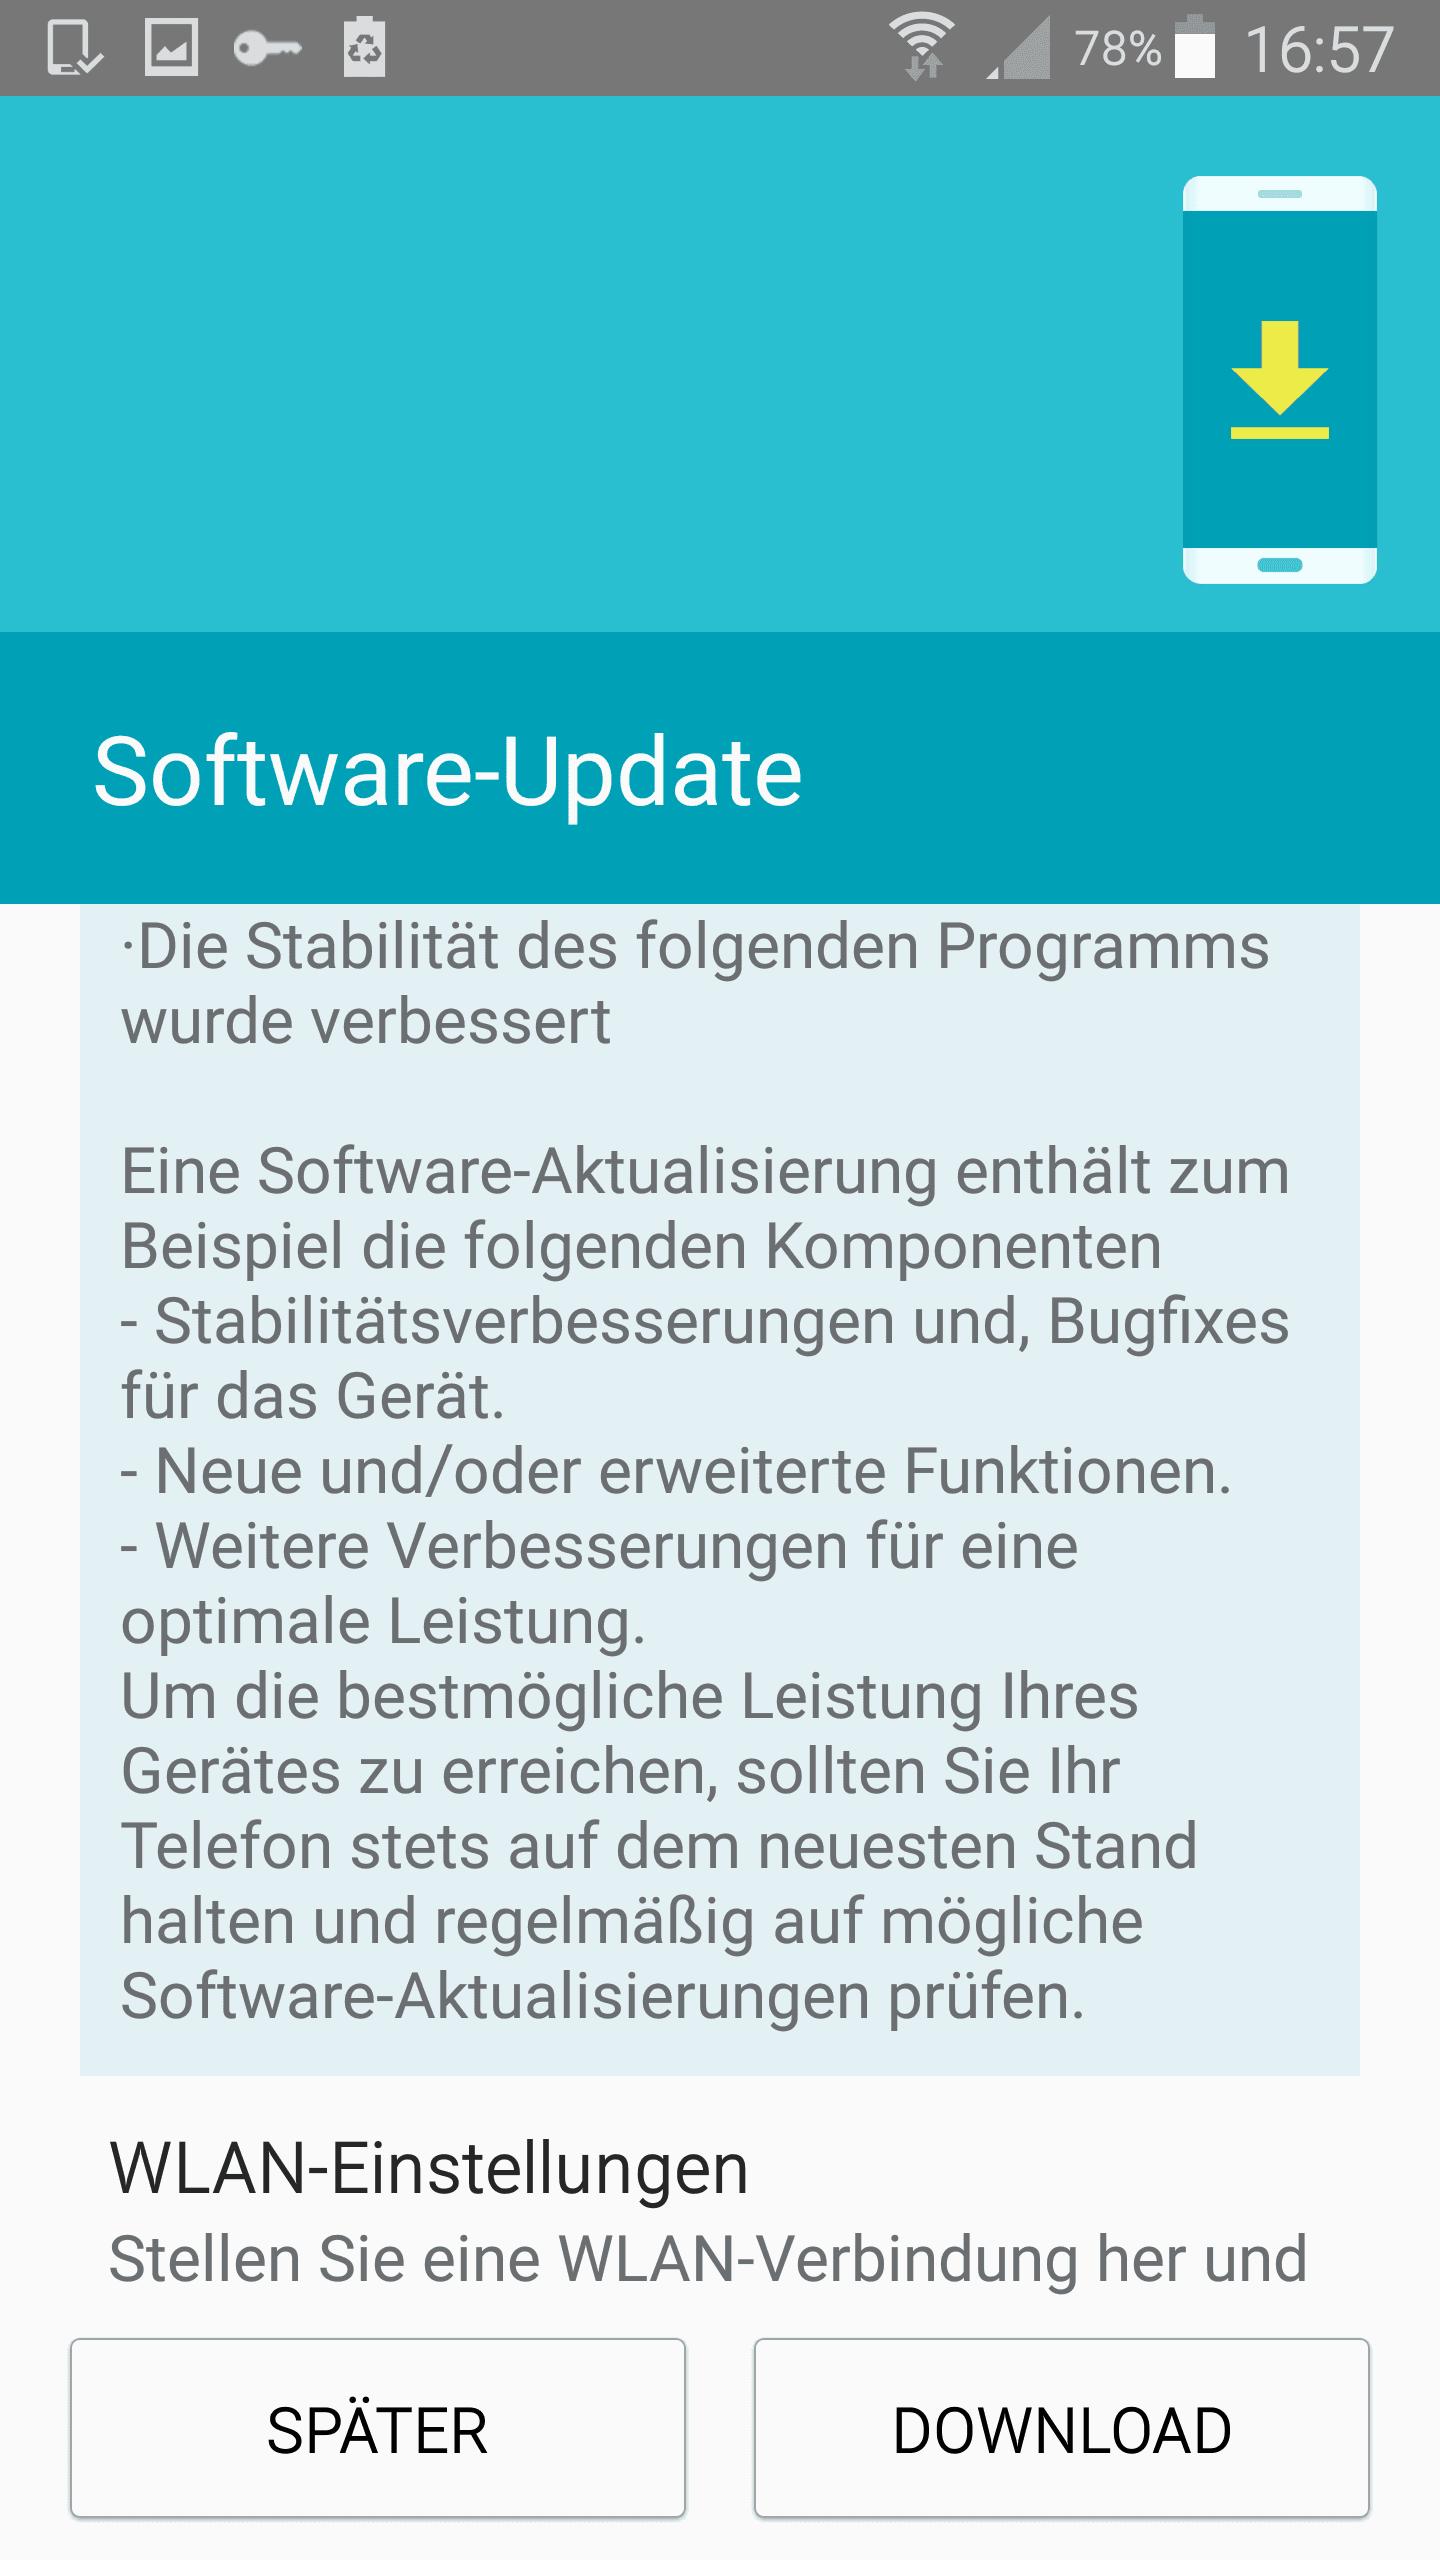 Samsung Galaxy Note 4 Android 6.0.1 Marshmallow Update in Deutschland & Österreich 5